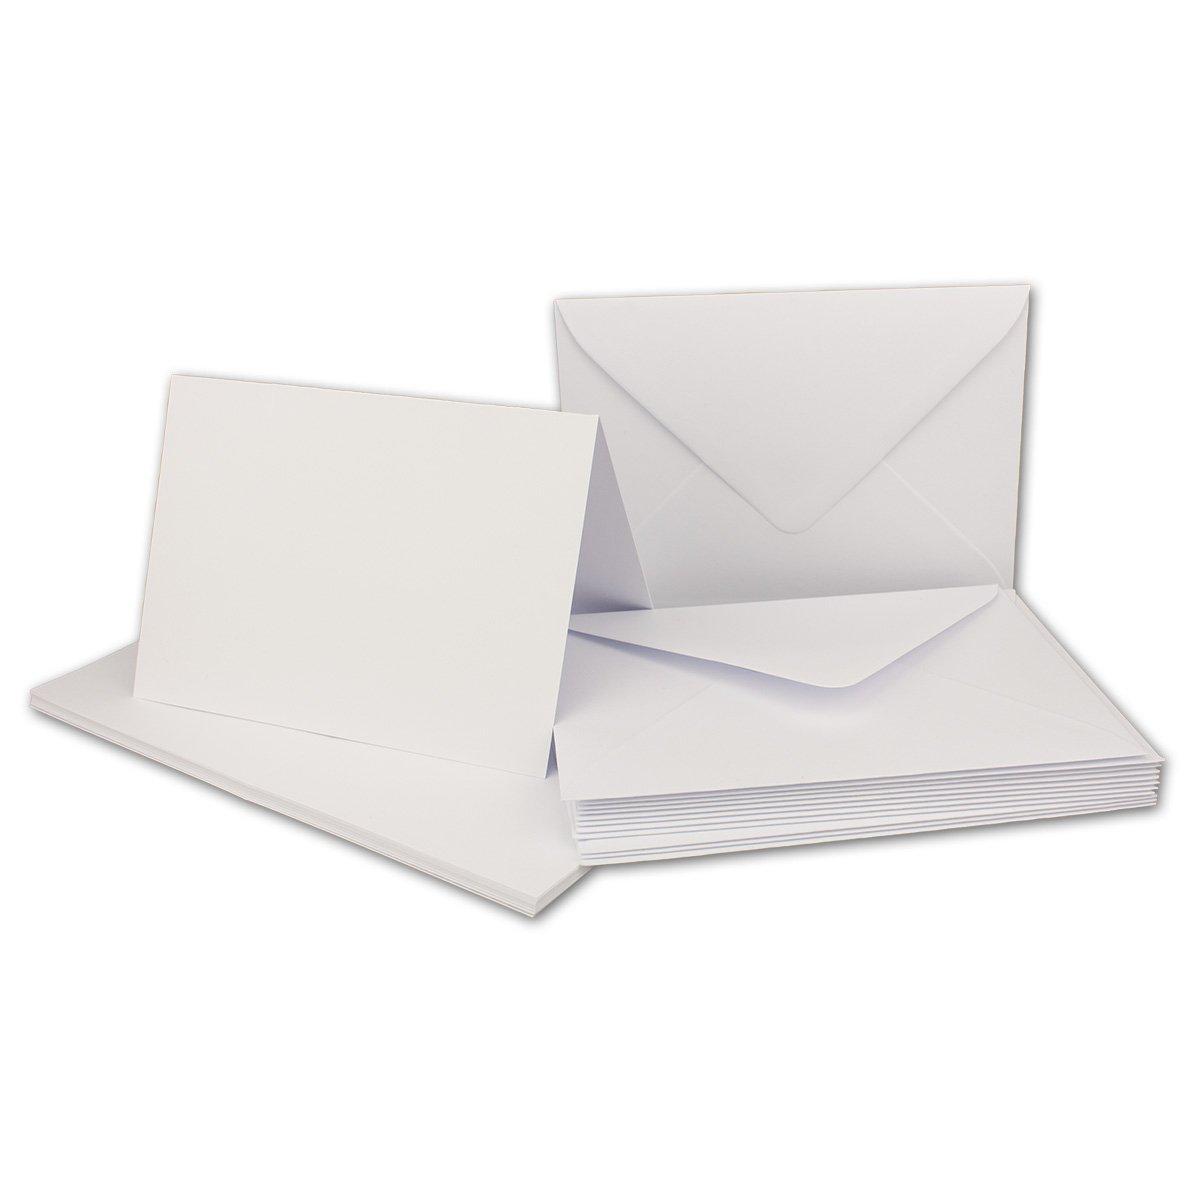 Faltkarten Set mit Brief-Umschlägen DIN A6     C6 in Rosanrot   100 Sets   14,8 x 10,5 cm   Premium Qualität   Serie FarbenFroh® B079ZVFWBS | Clever und praktisch  e5a1b2